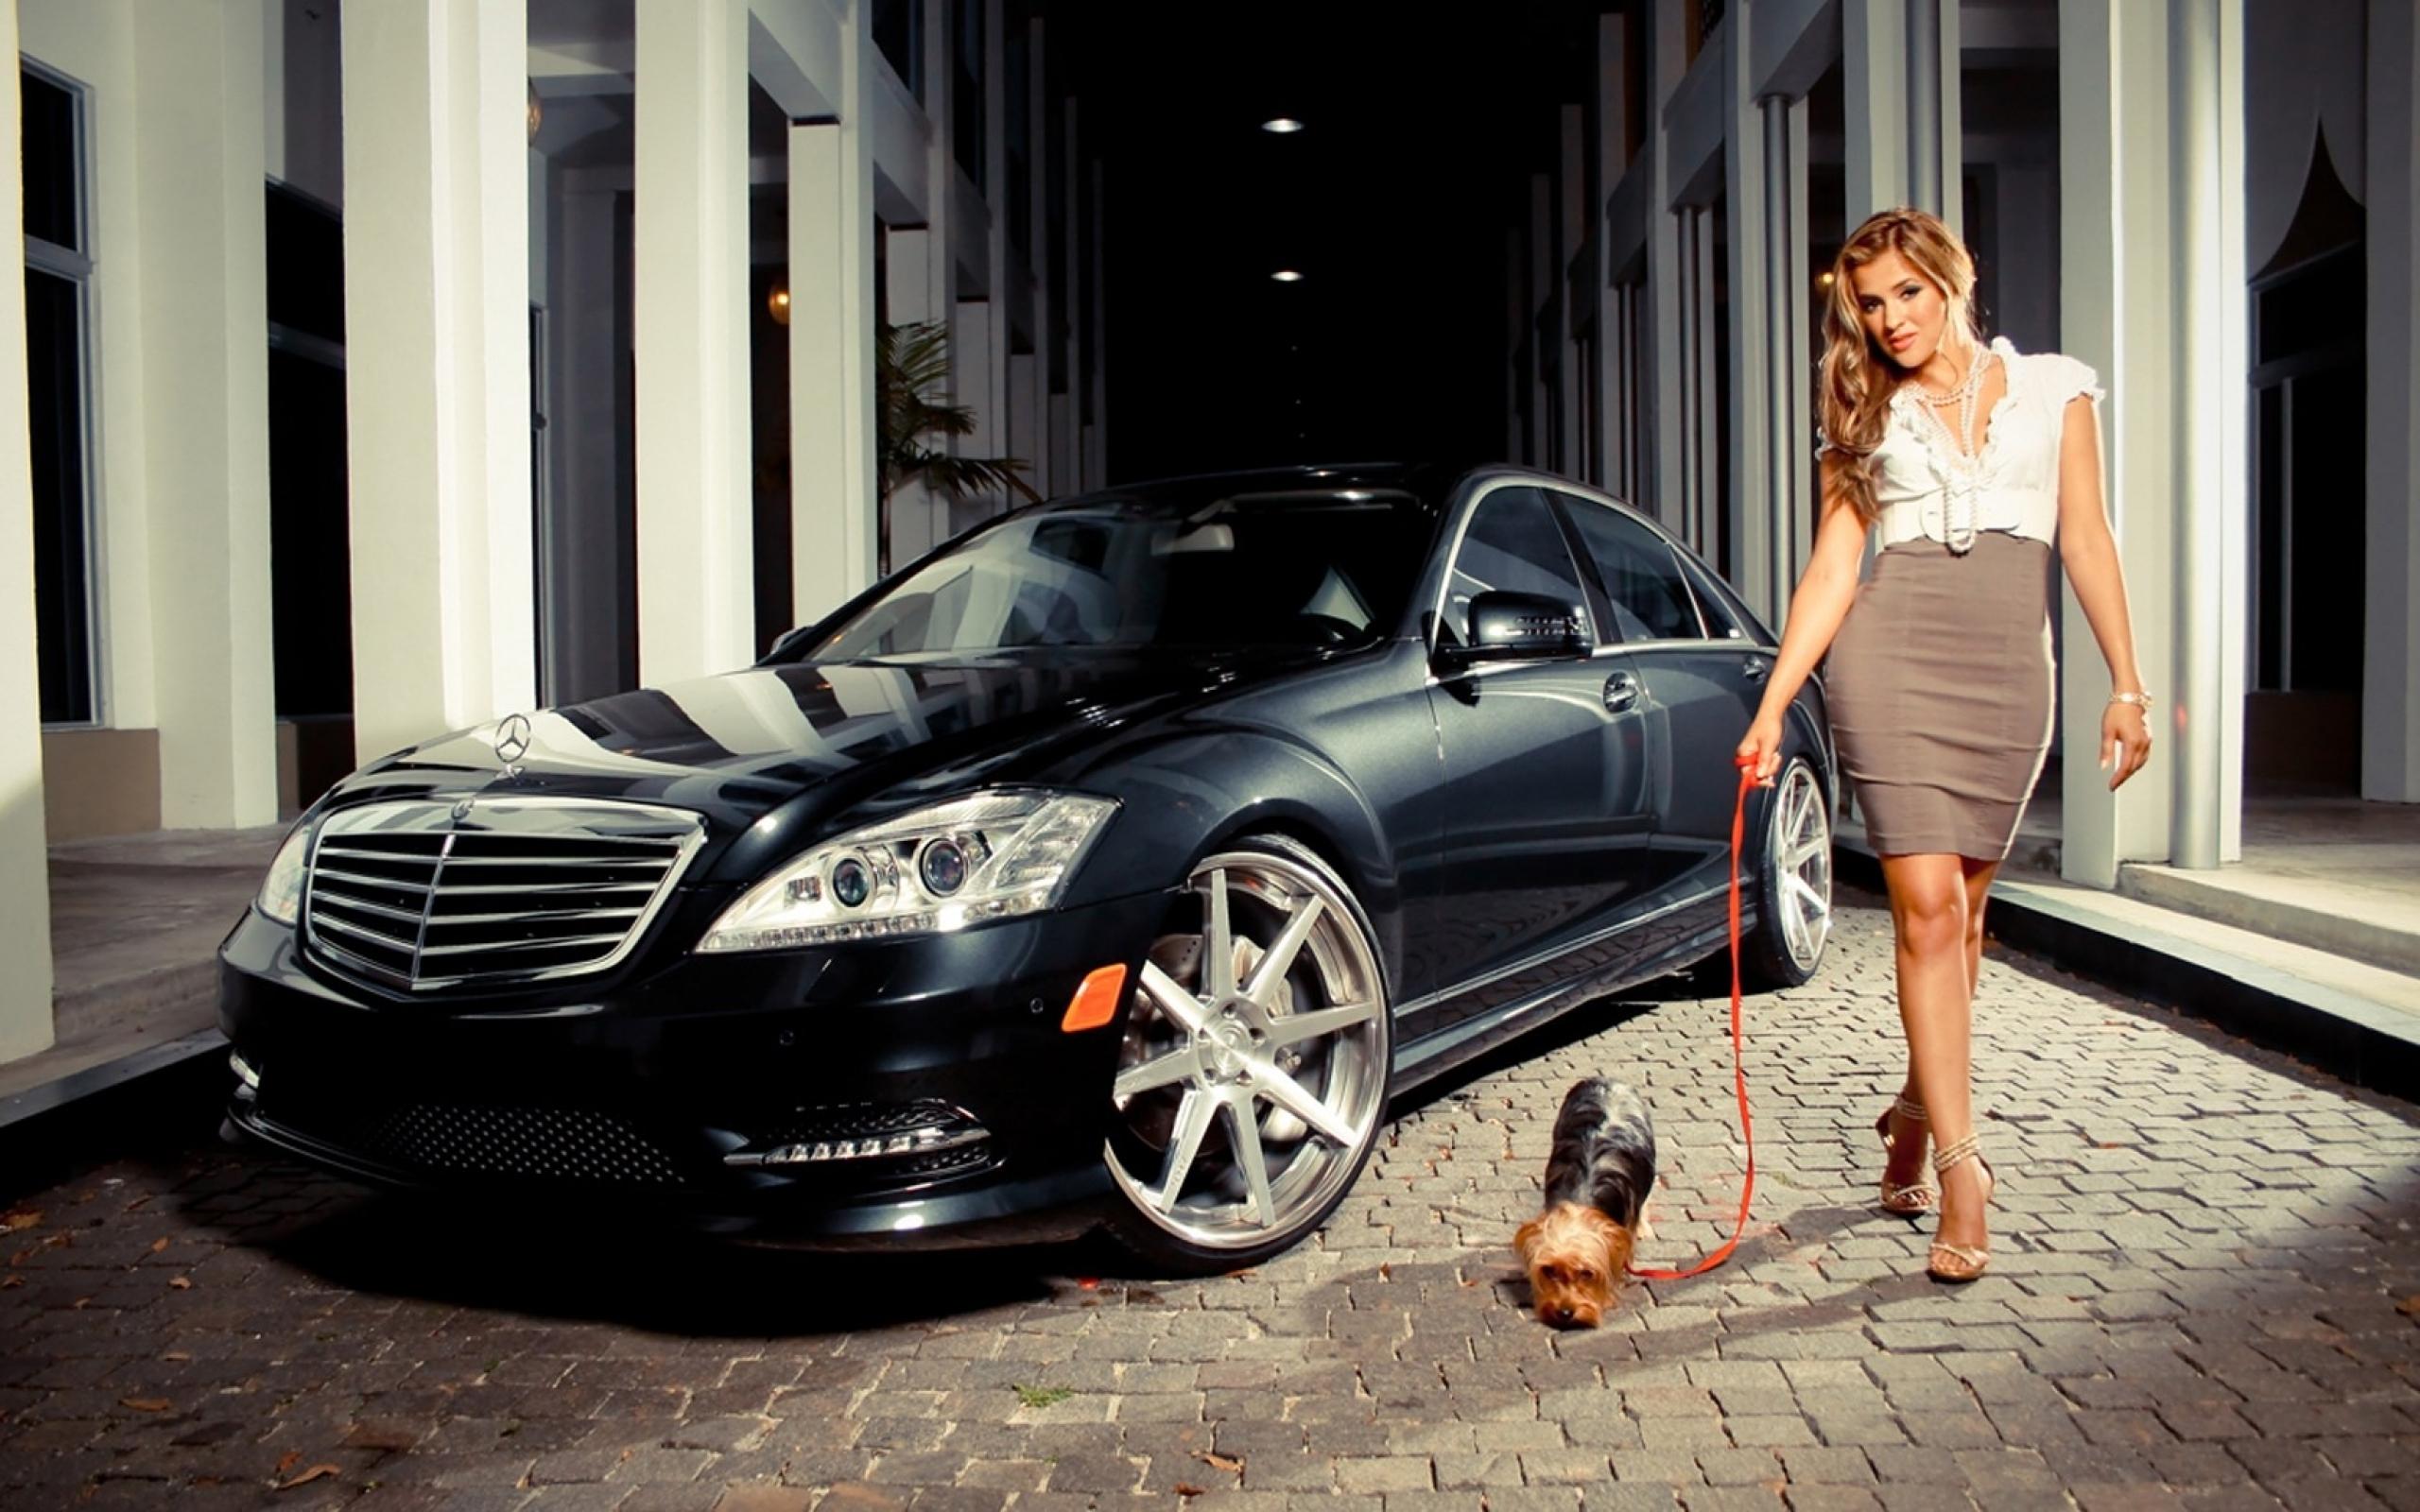 Смотреть порно с симпатичной брюнеткой в автомобиле мерседес бенс 8 фотография